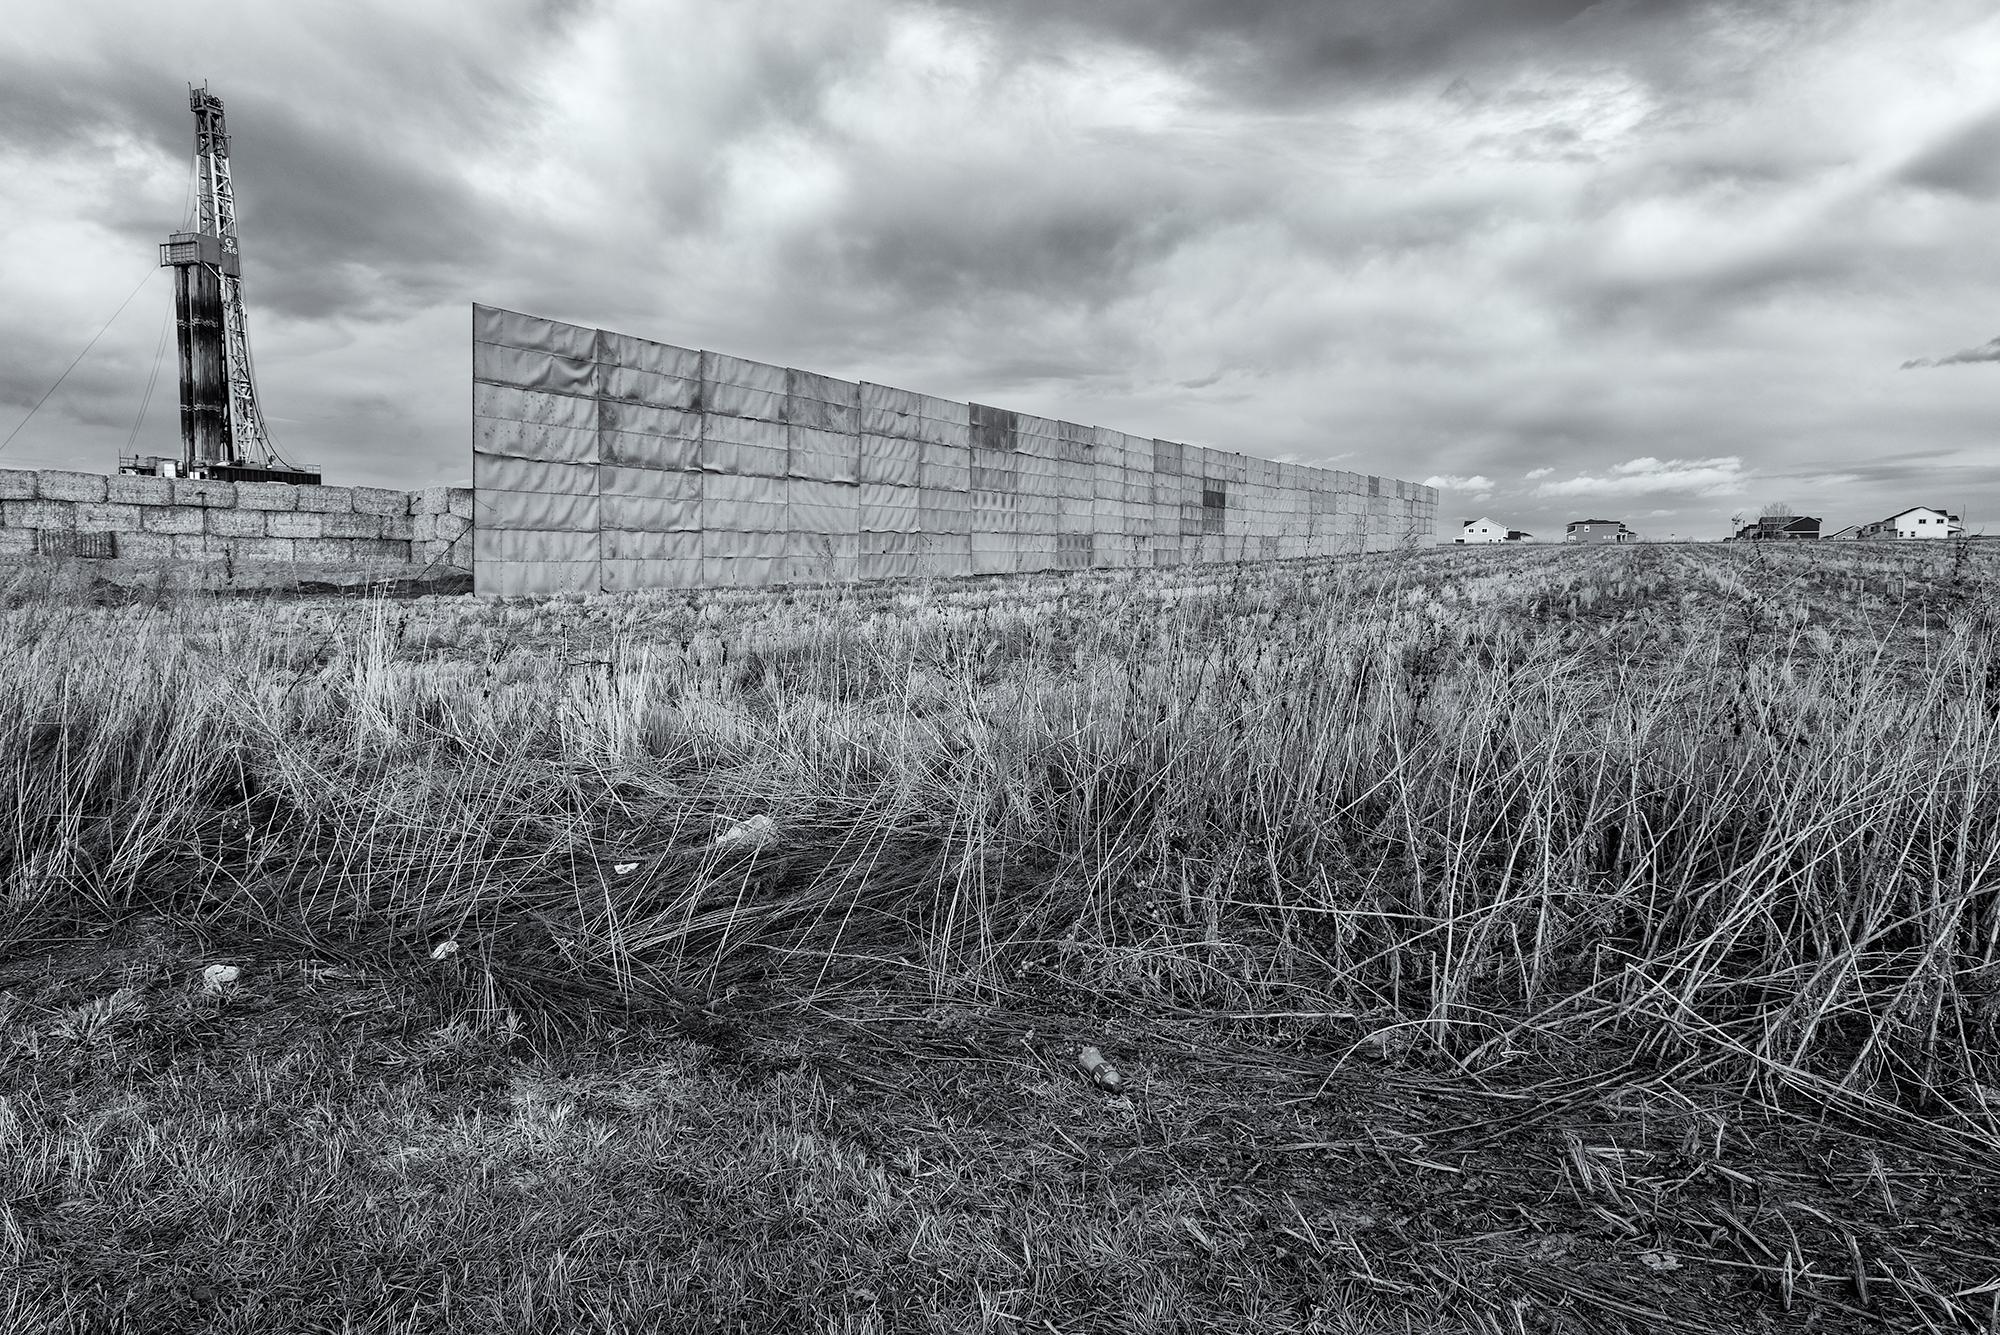 Silver Birch Frack Site, #2. Frederick, Colorado, 2016